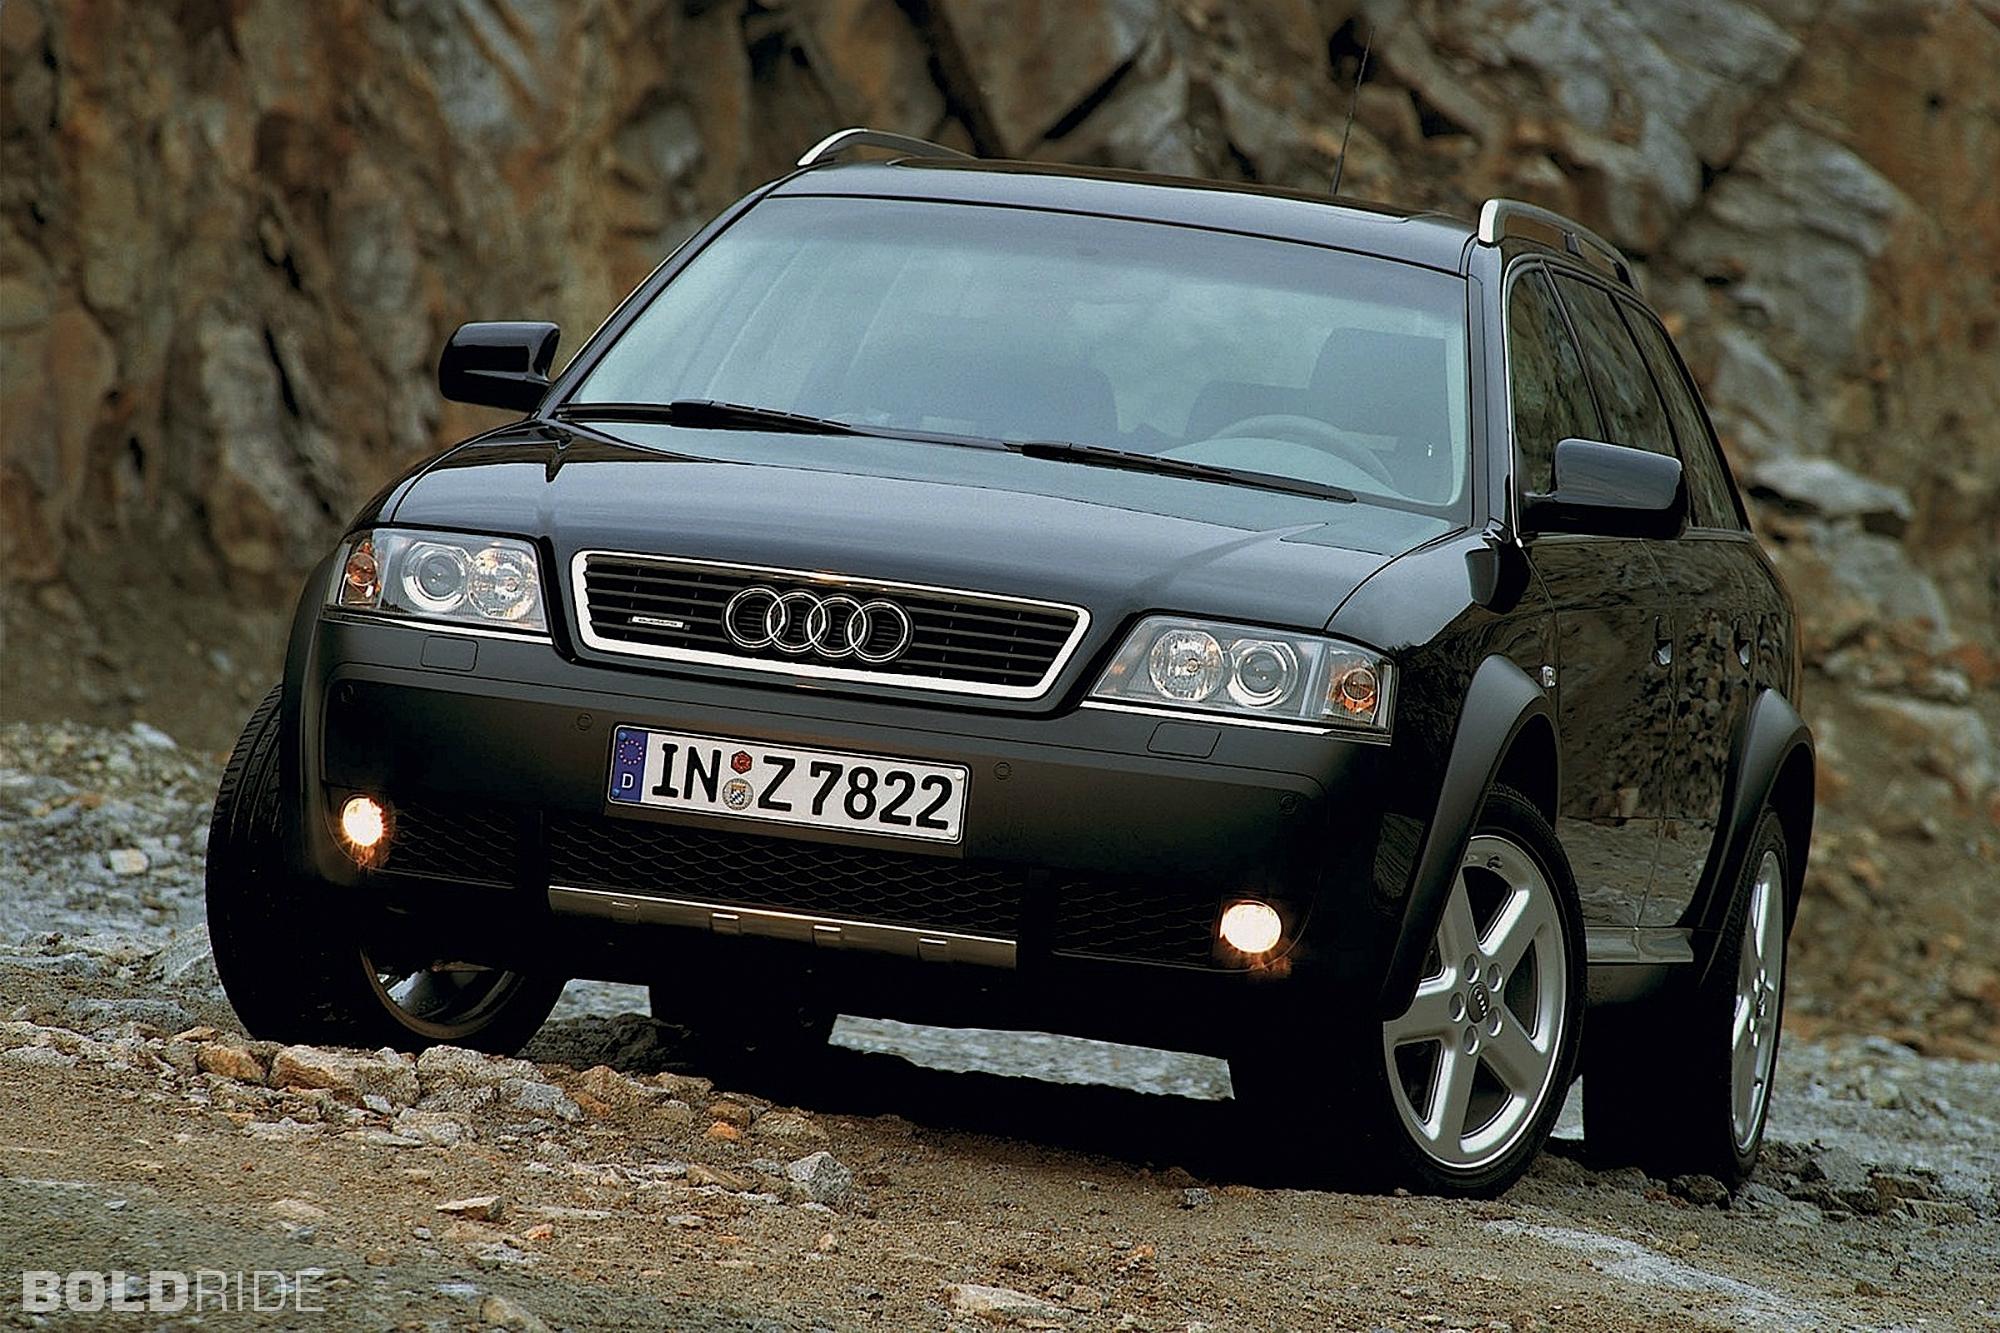 2002 Audi Allroad Quattro Image 3